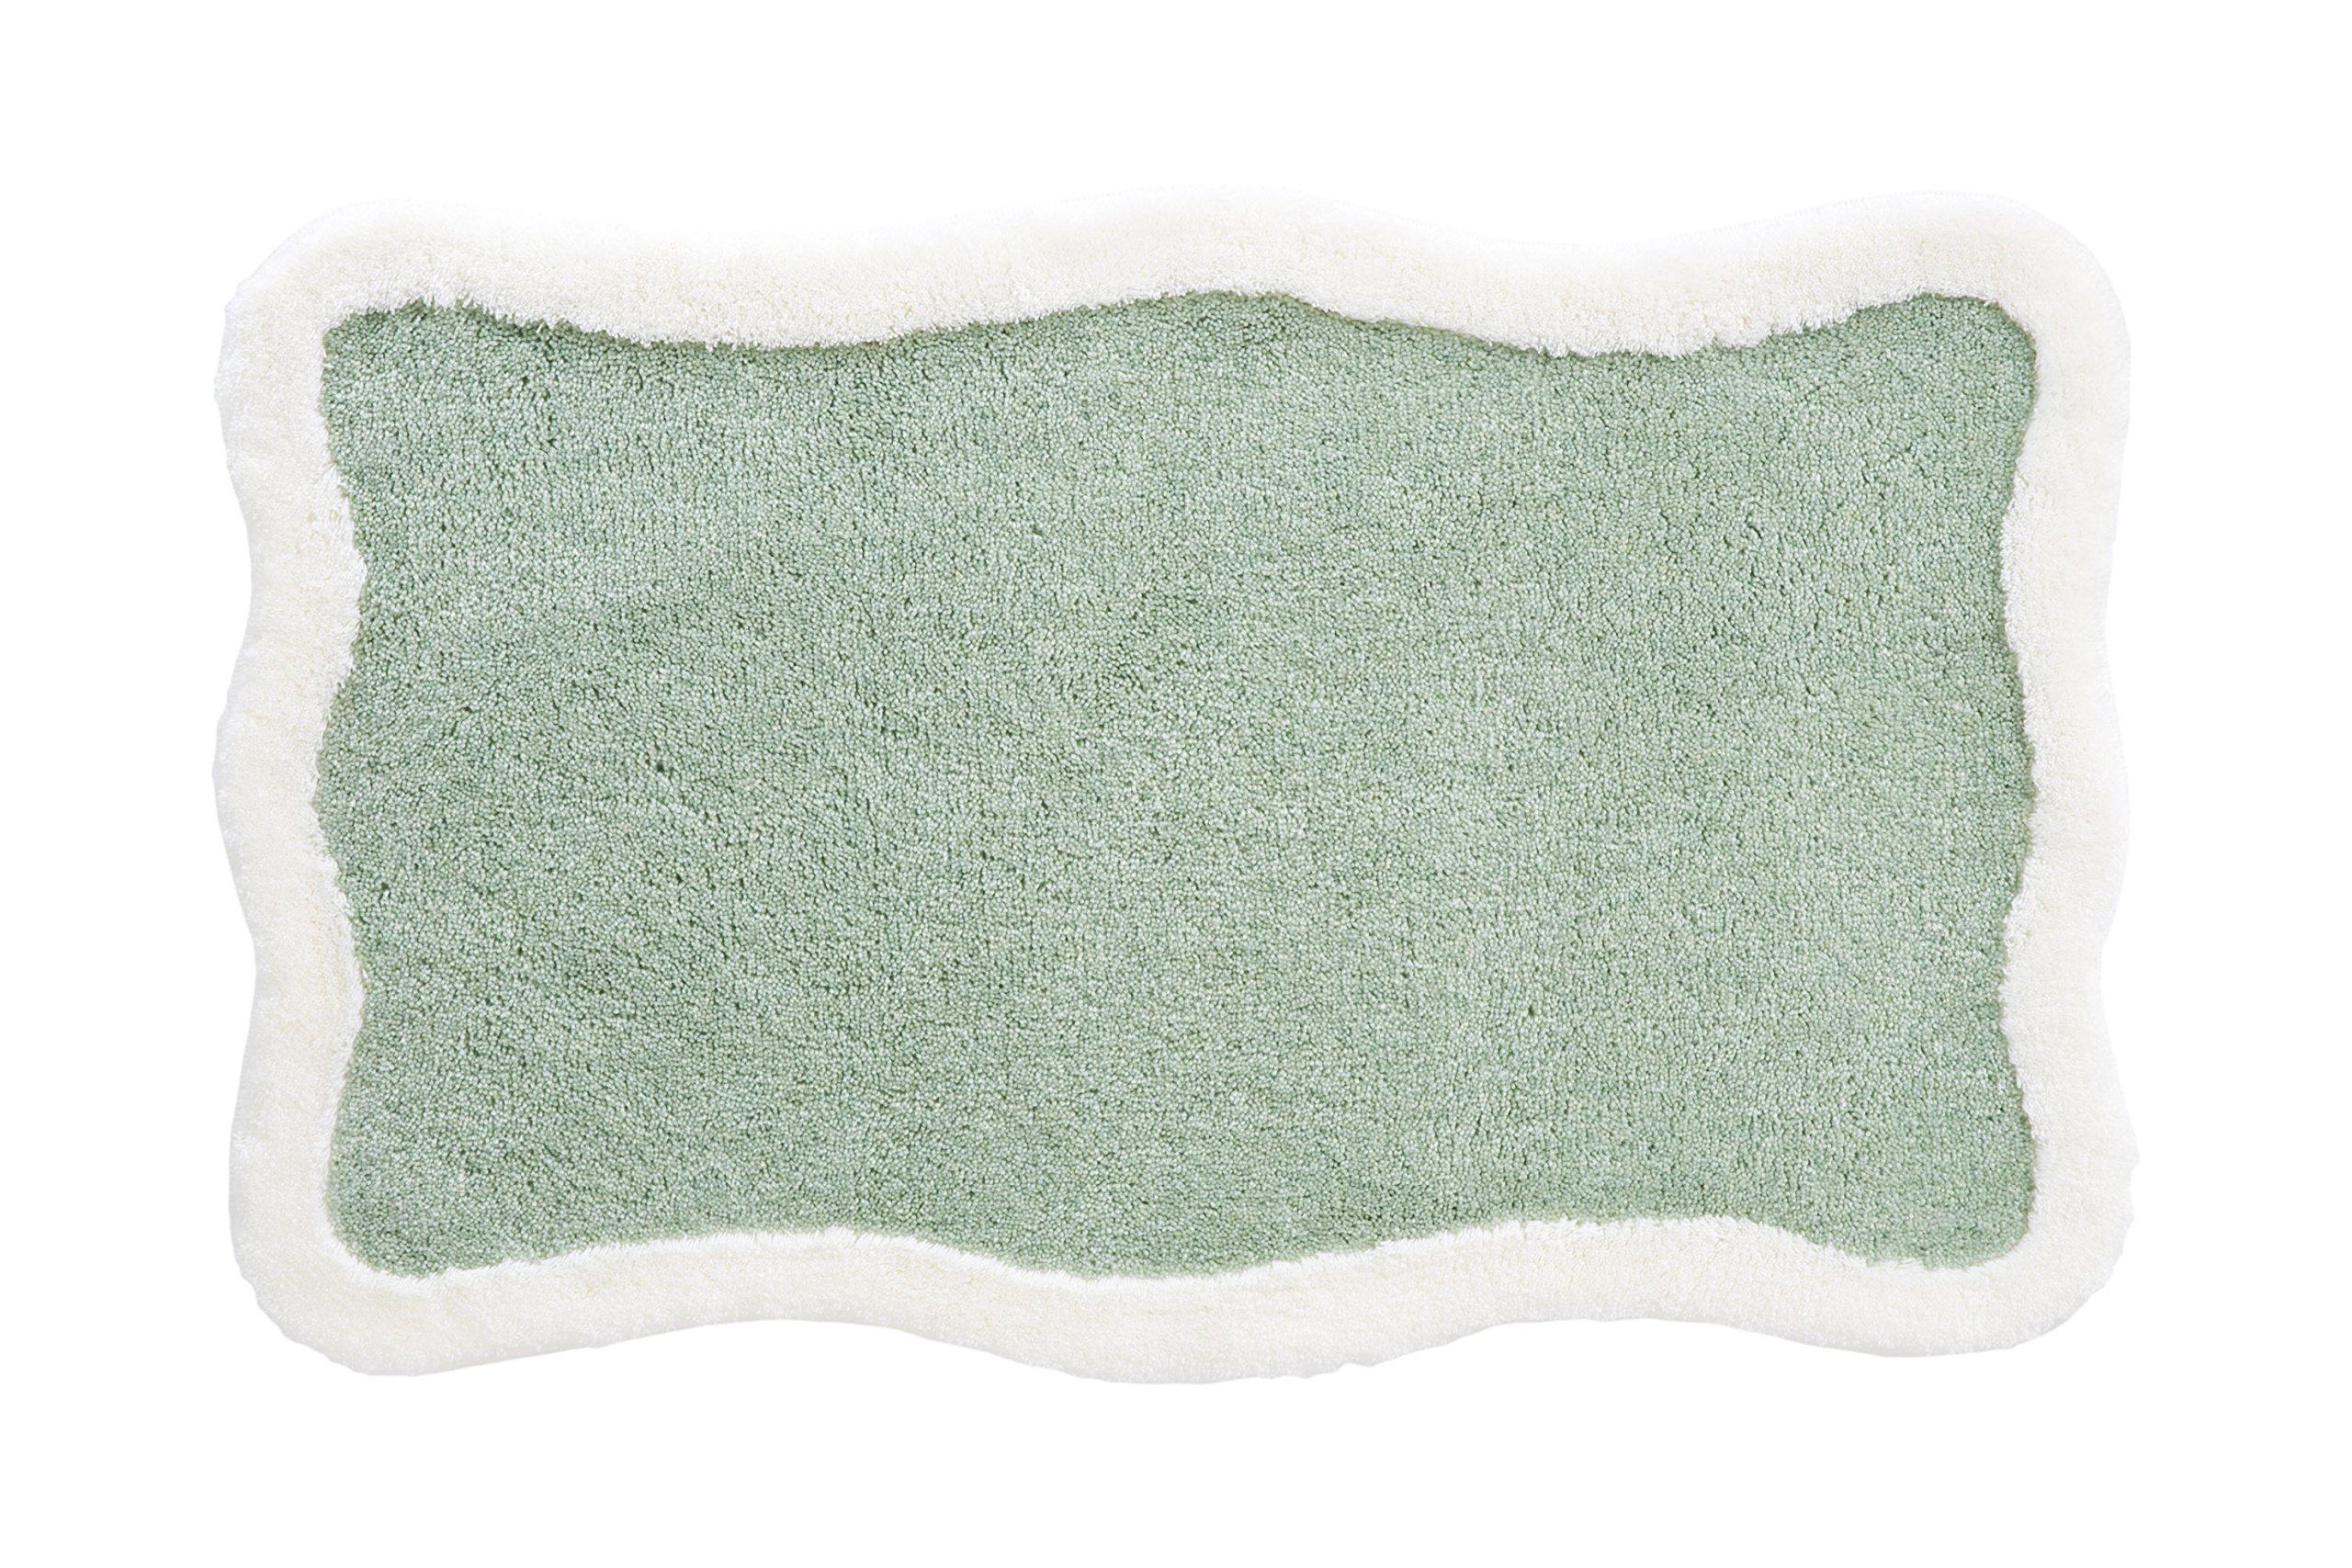 Grund Designer Series Accent/Bath Rug,Tutti, 21-Inch by 34-Inch, Green